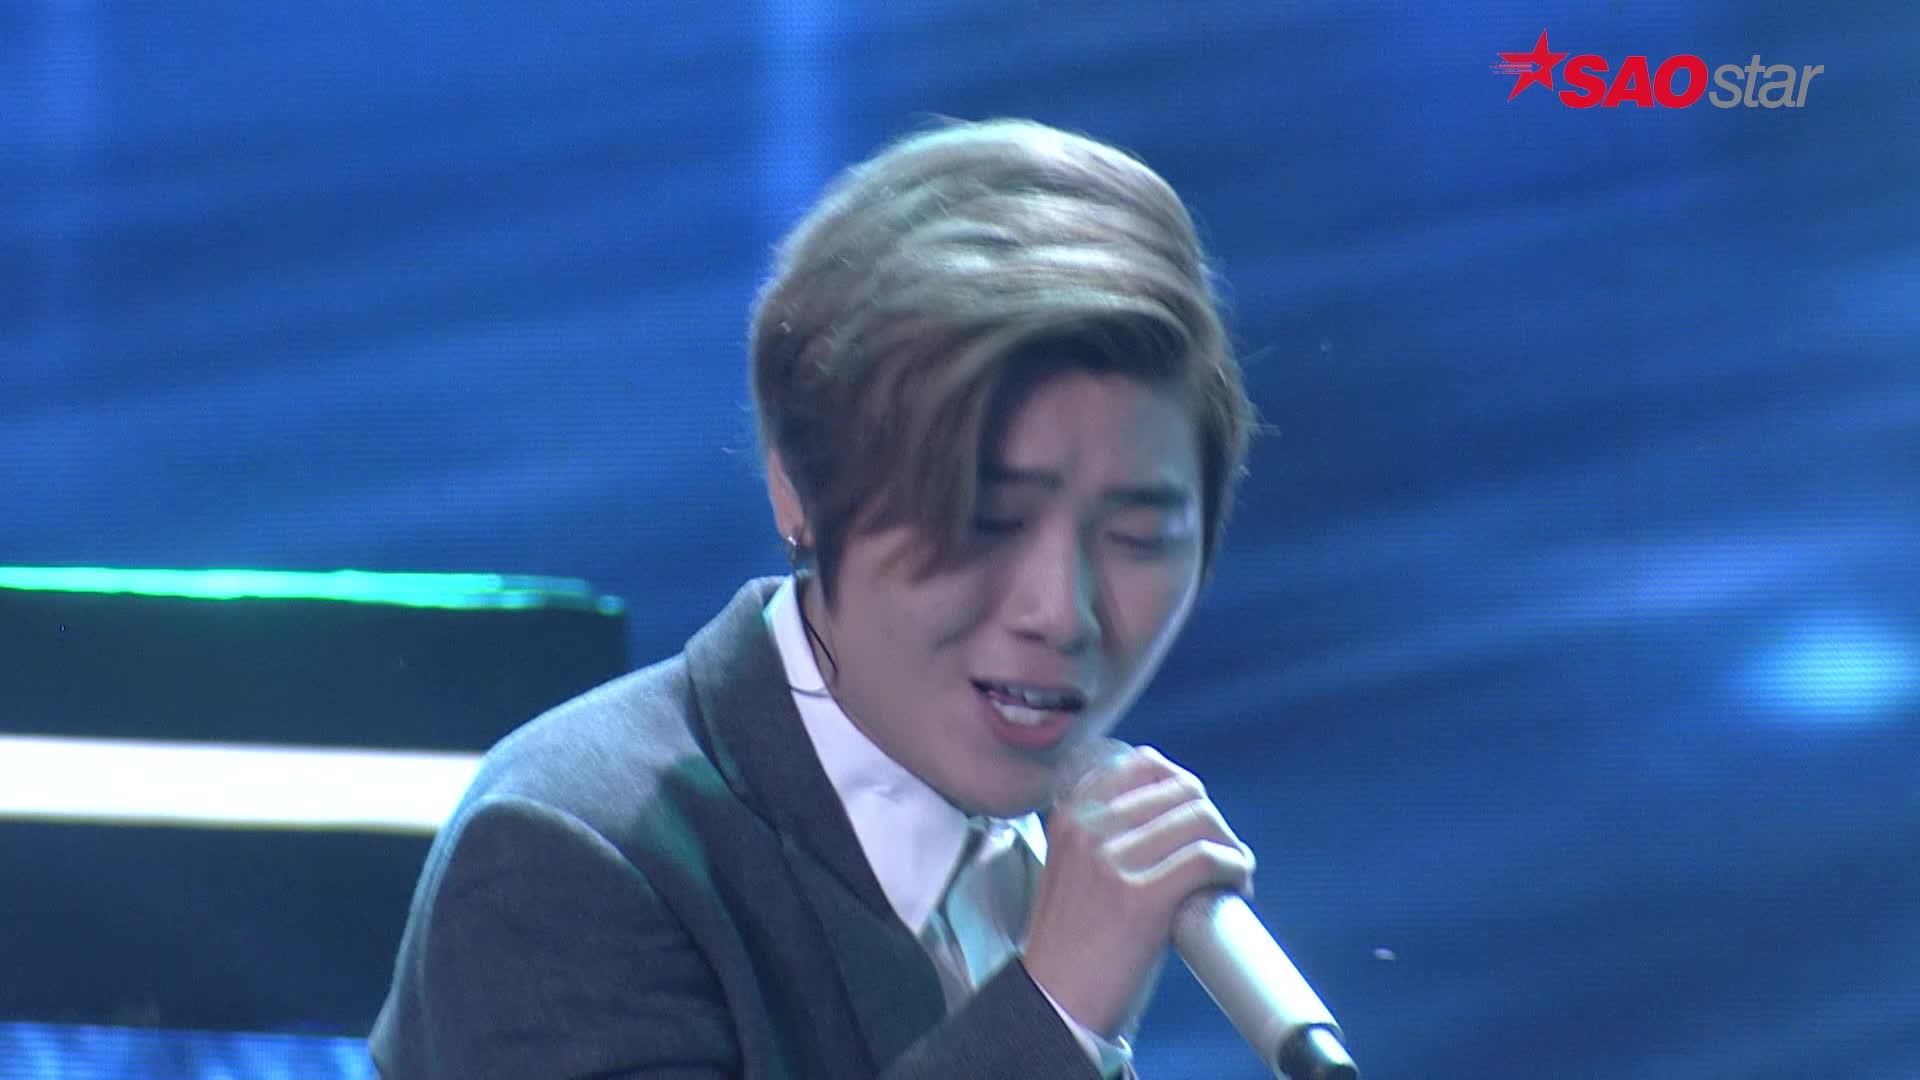 Bản sao Tuấn Hưng  Dương Thuận cùng Quốc Đạt gây ngạc nhiên khi hát Tình lãng phí